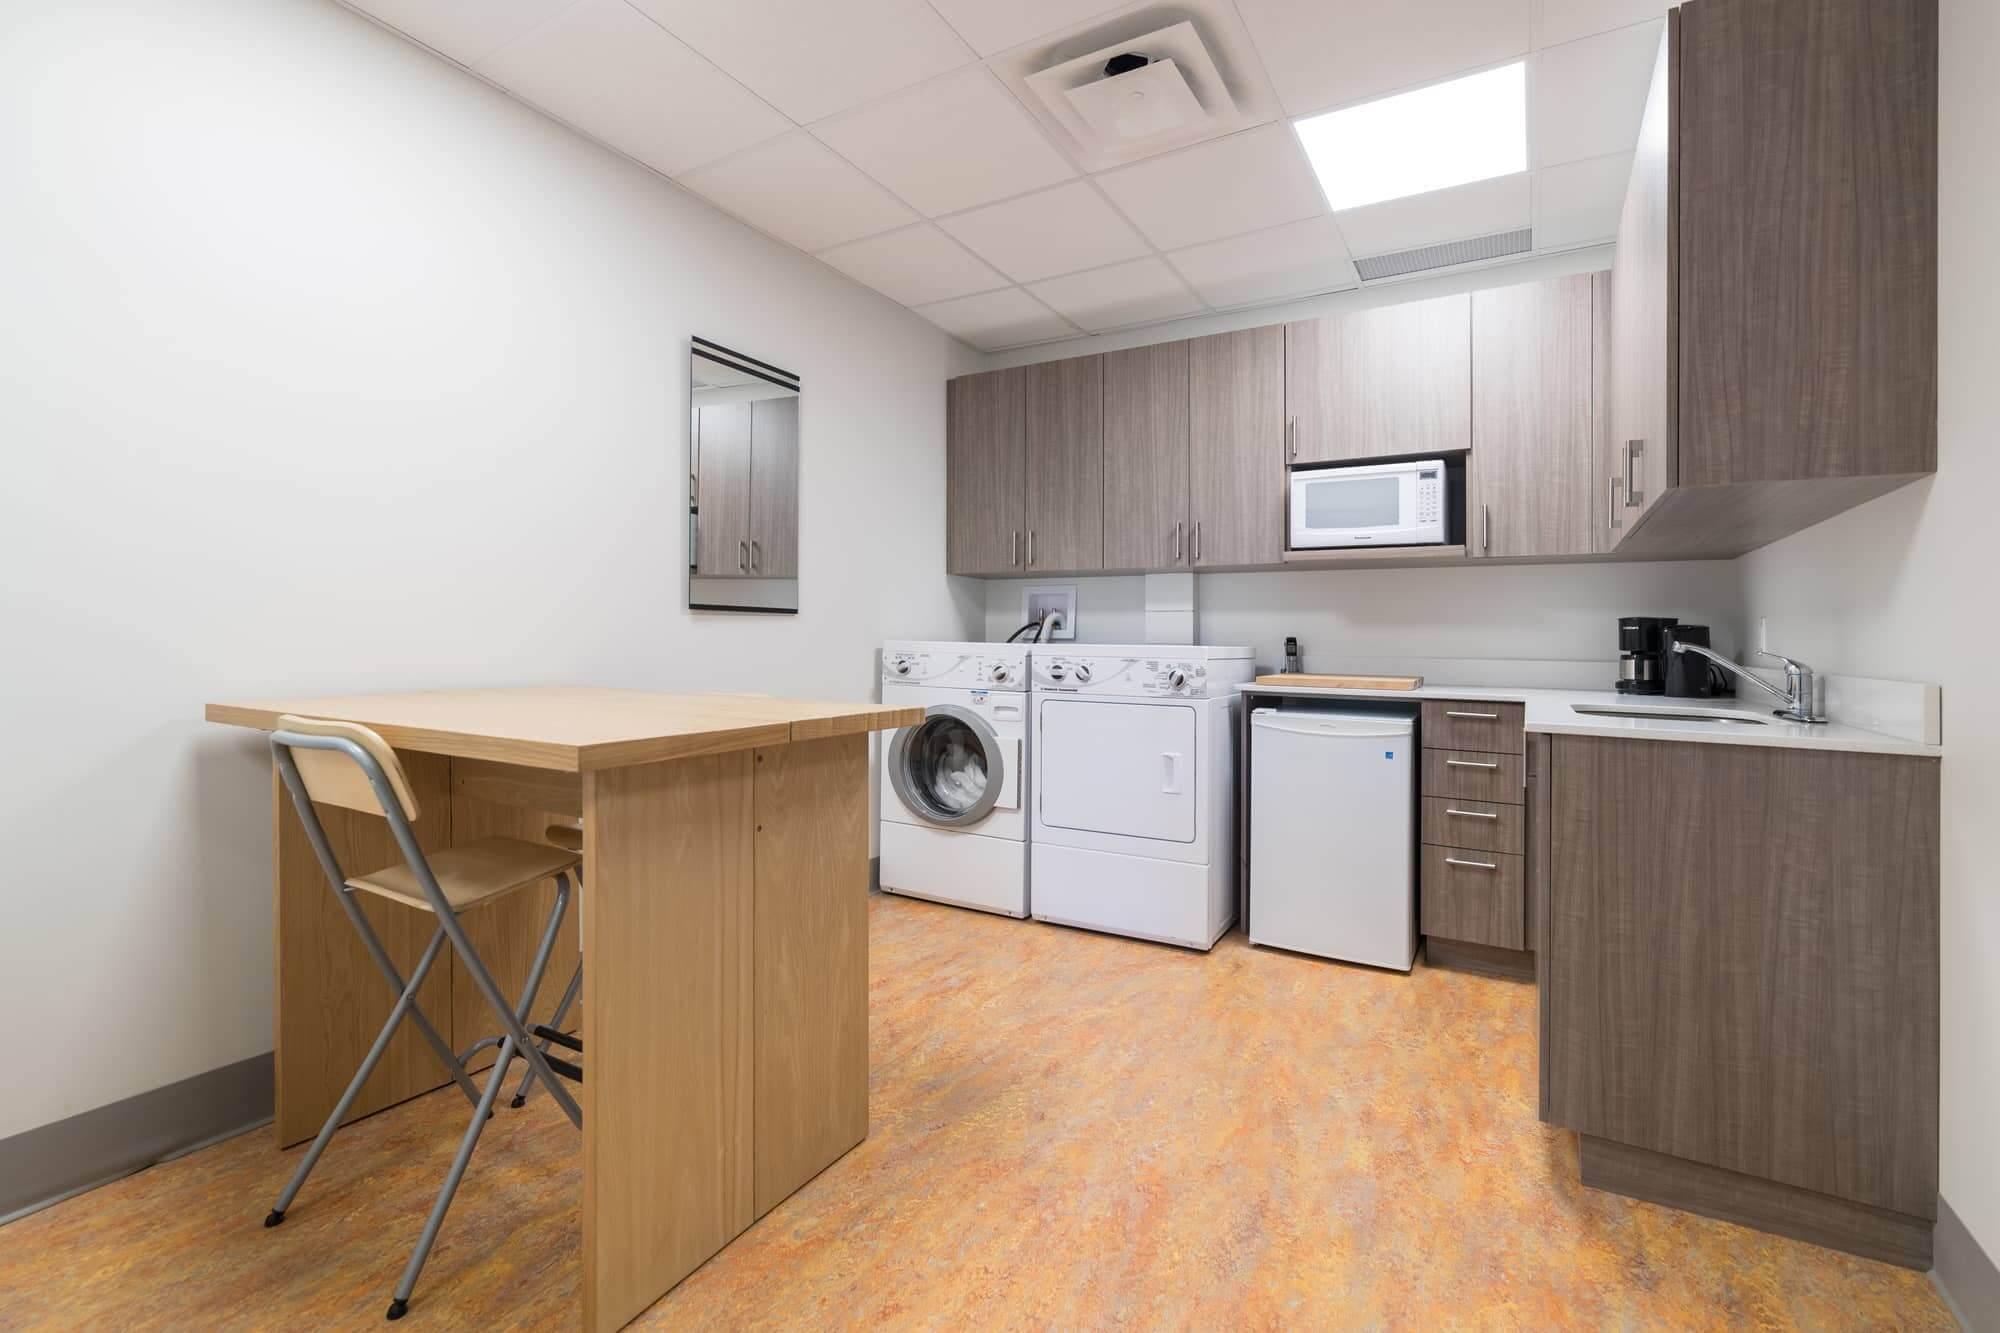 Salle d'employés avec laveuse, sécheuse, comptoir et lavabo